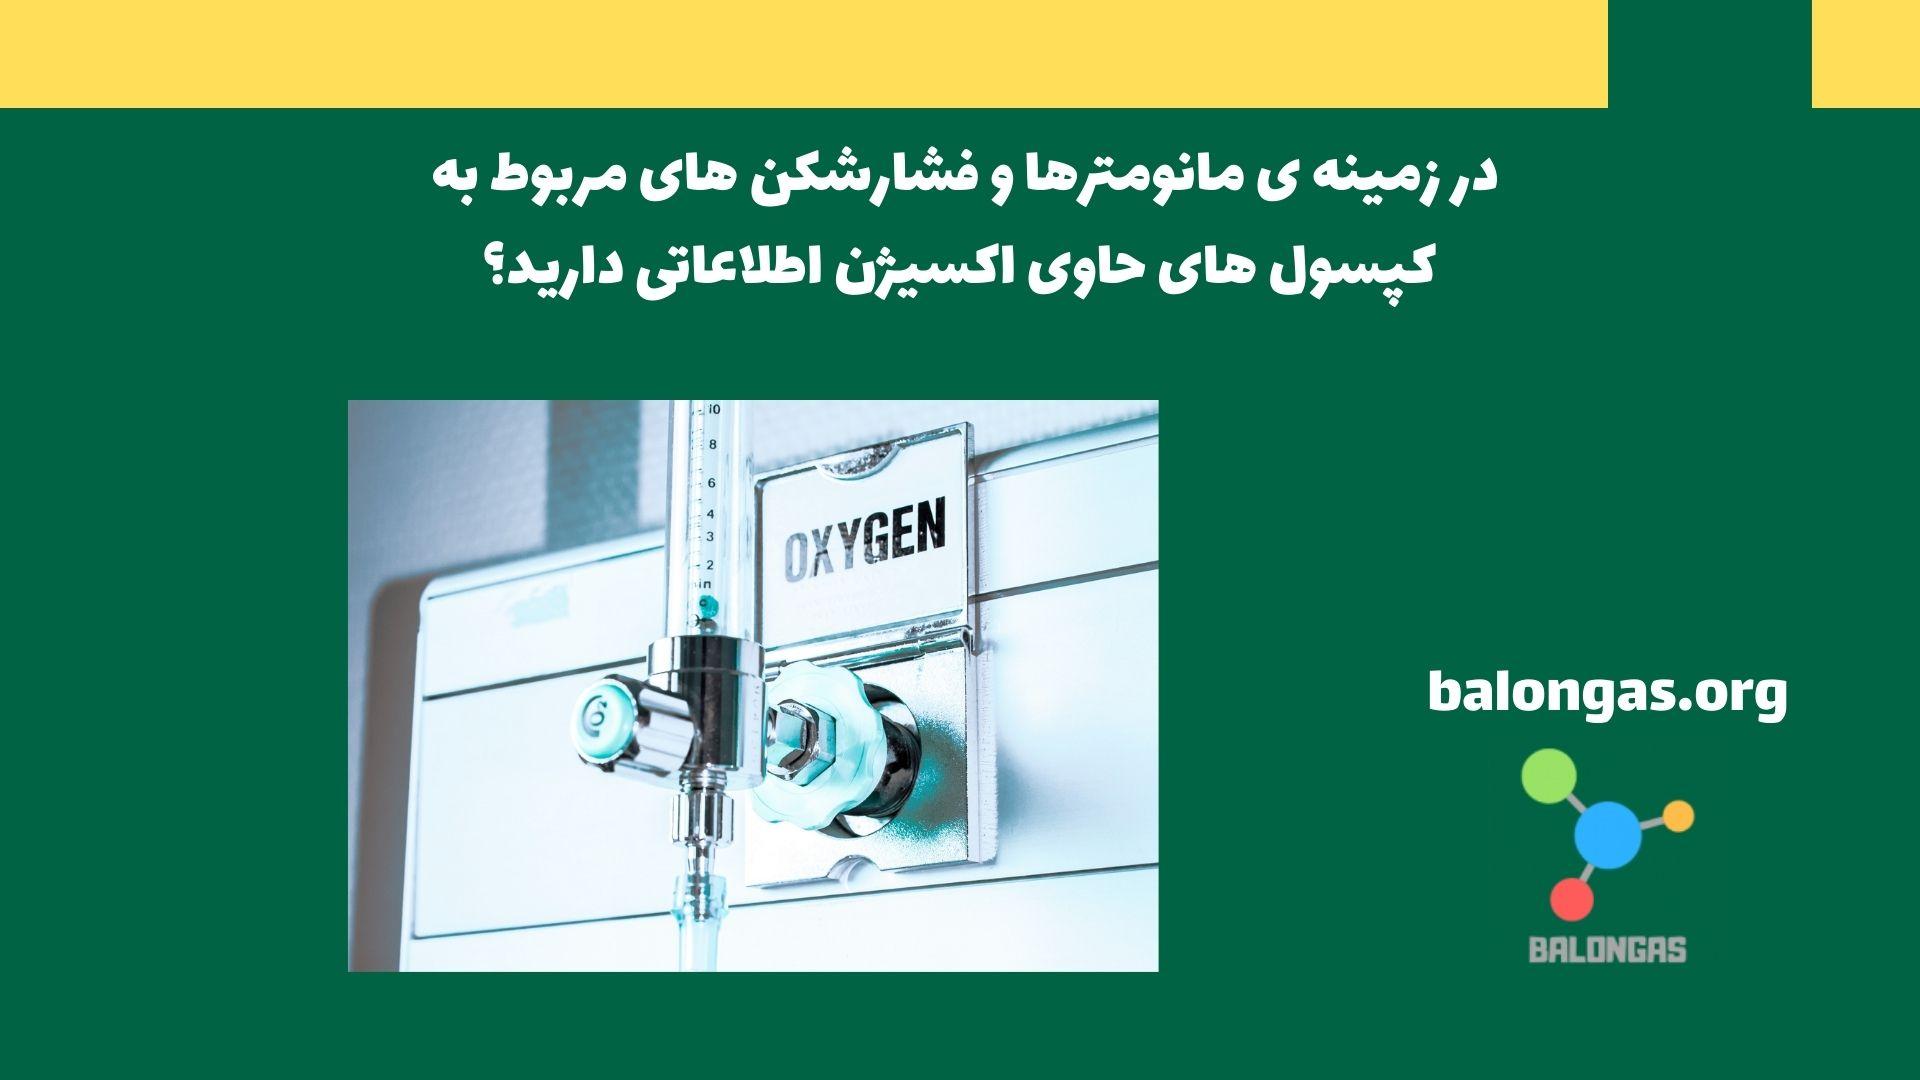 آیا در زمینه ی مانومترها و فشارشکن های مربوط به کپسول های حاوی اکسیژن اطلاعاتی دارید؟